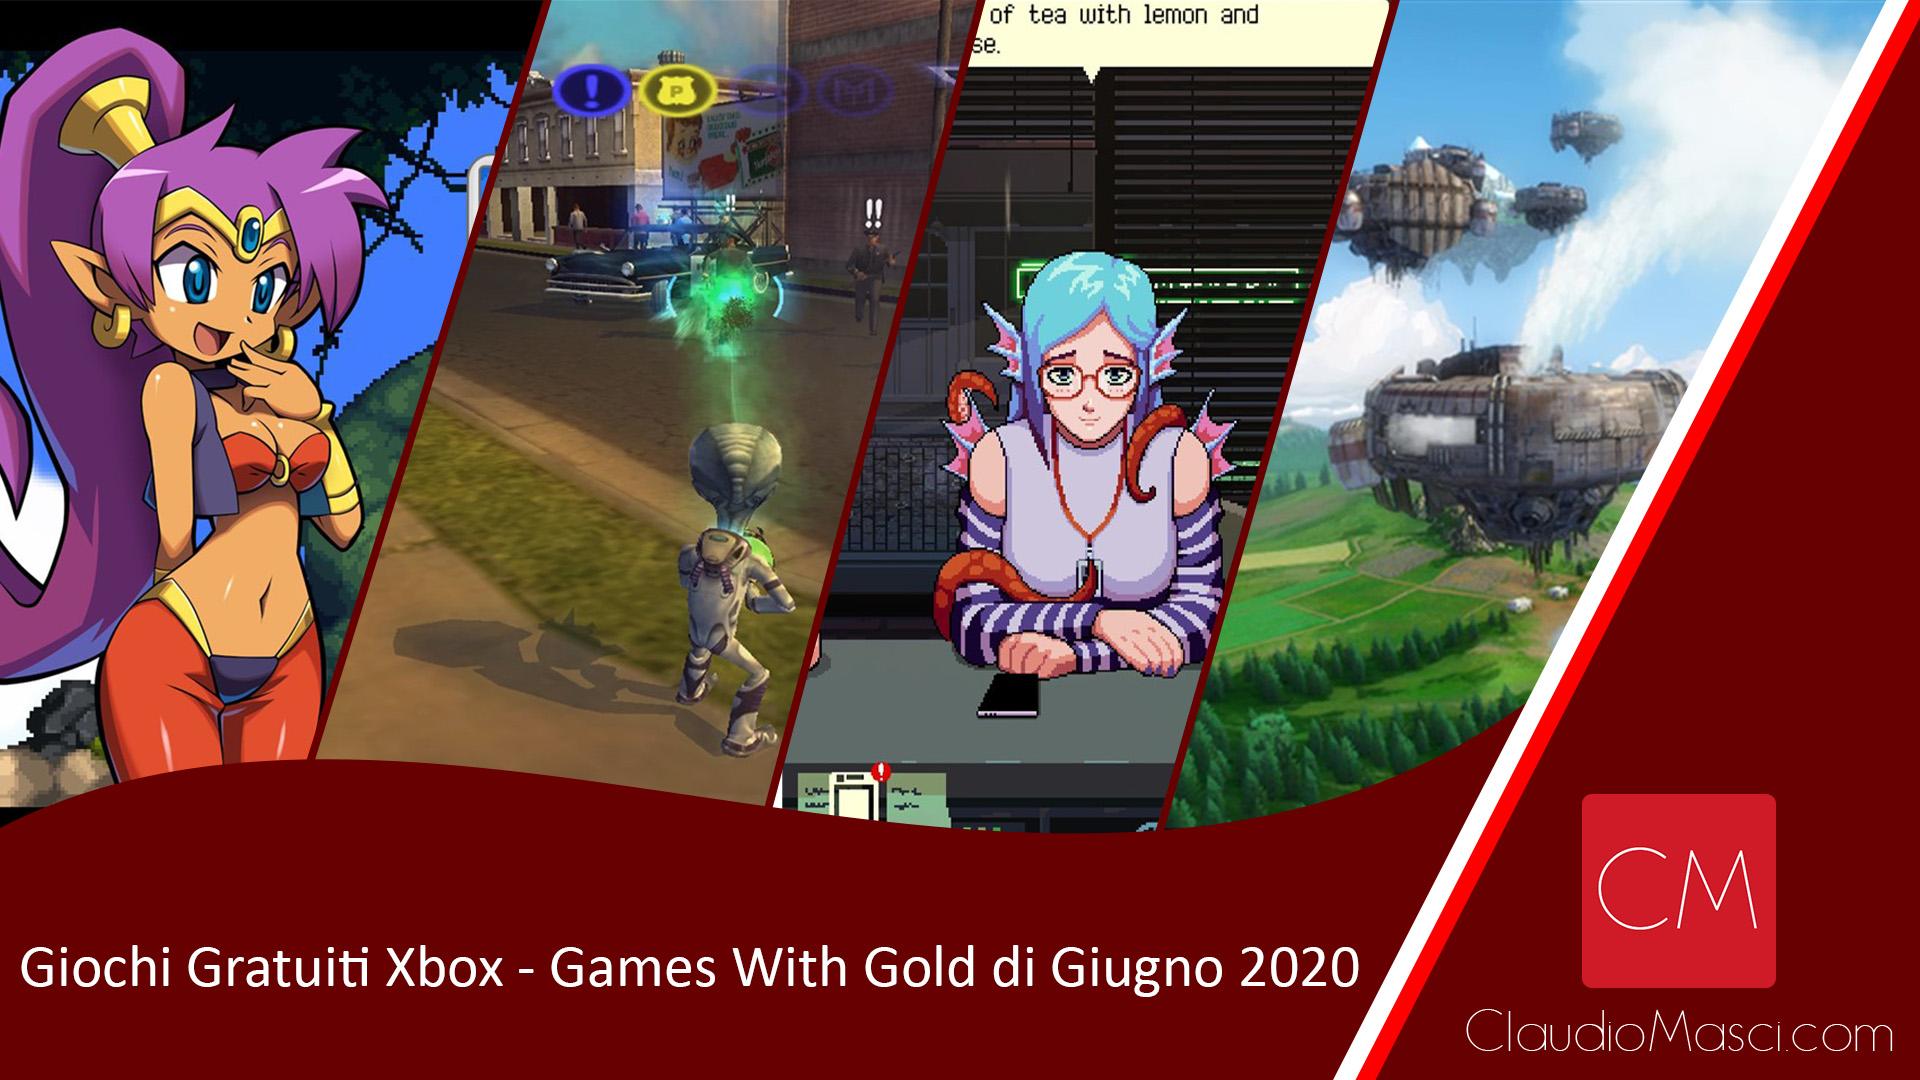 Giochi gratuiti Games With Gold Giugno 2020